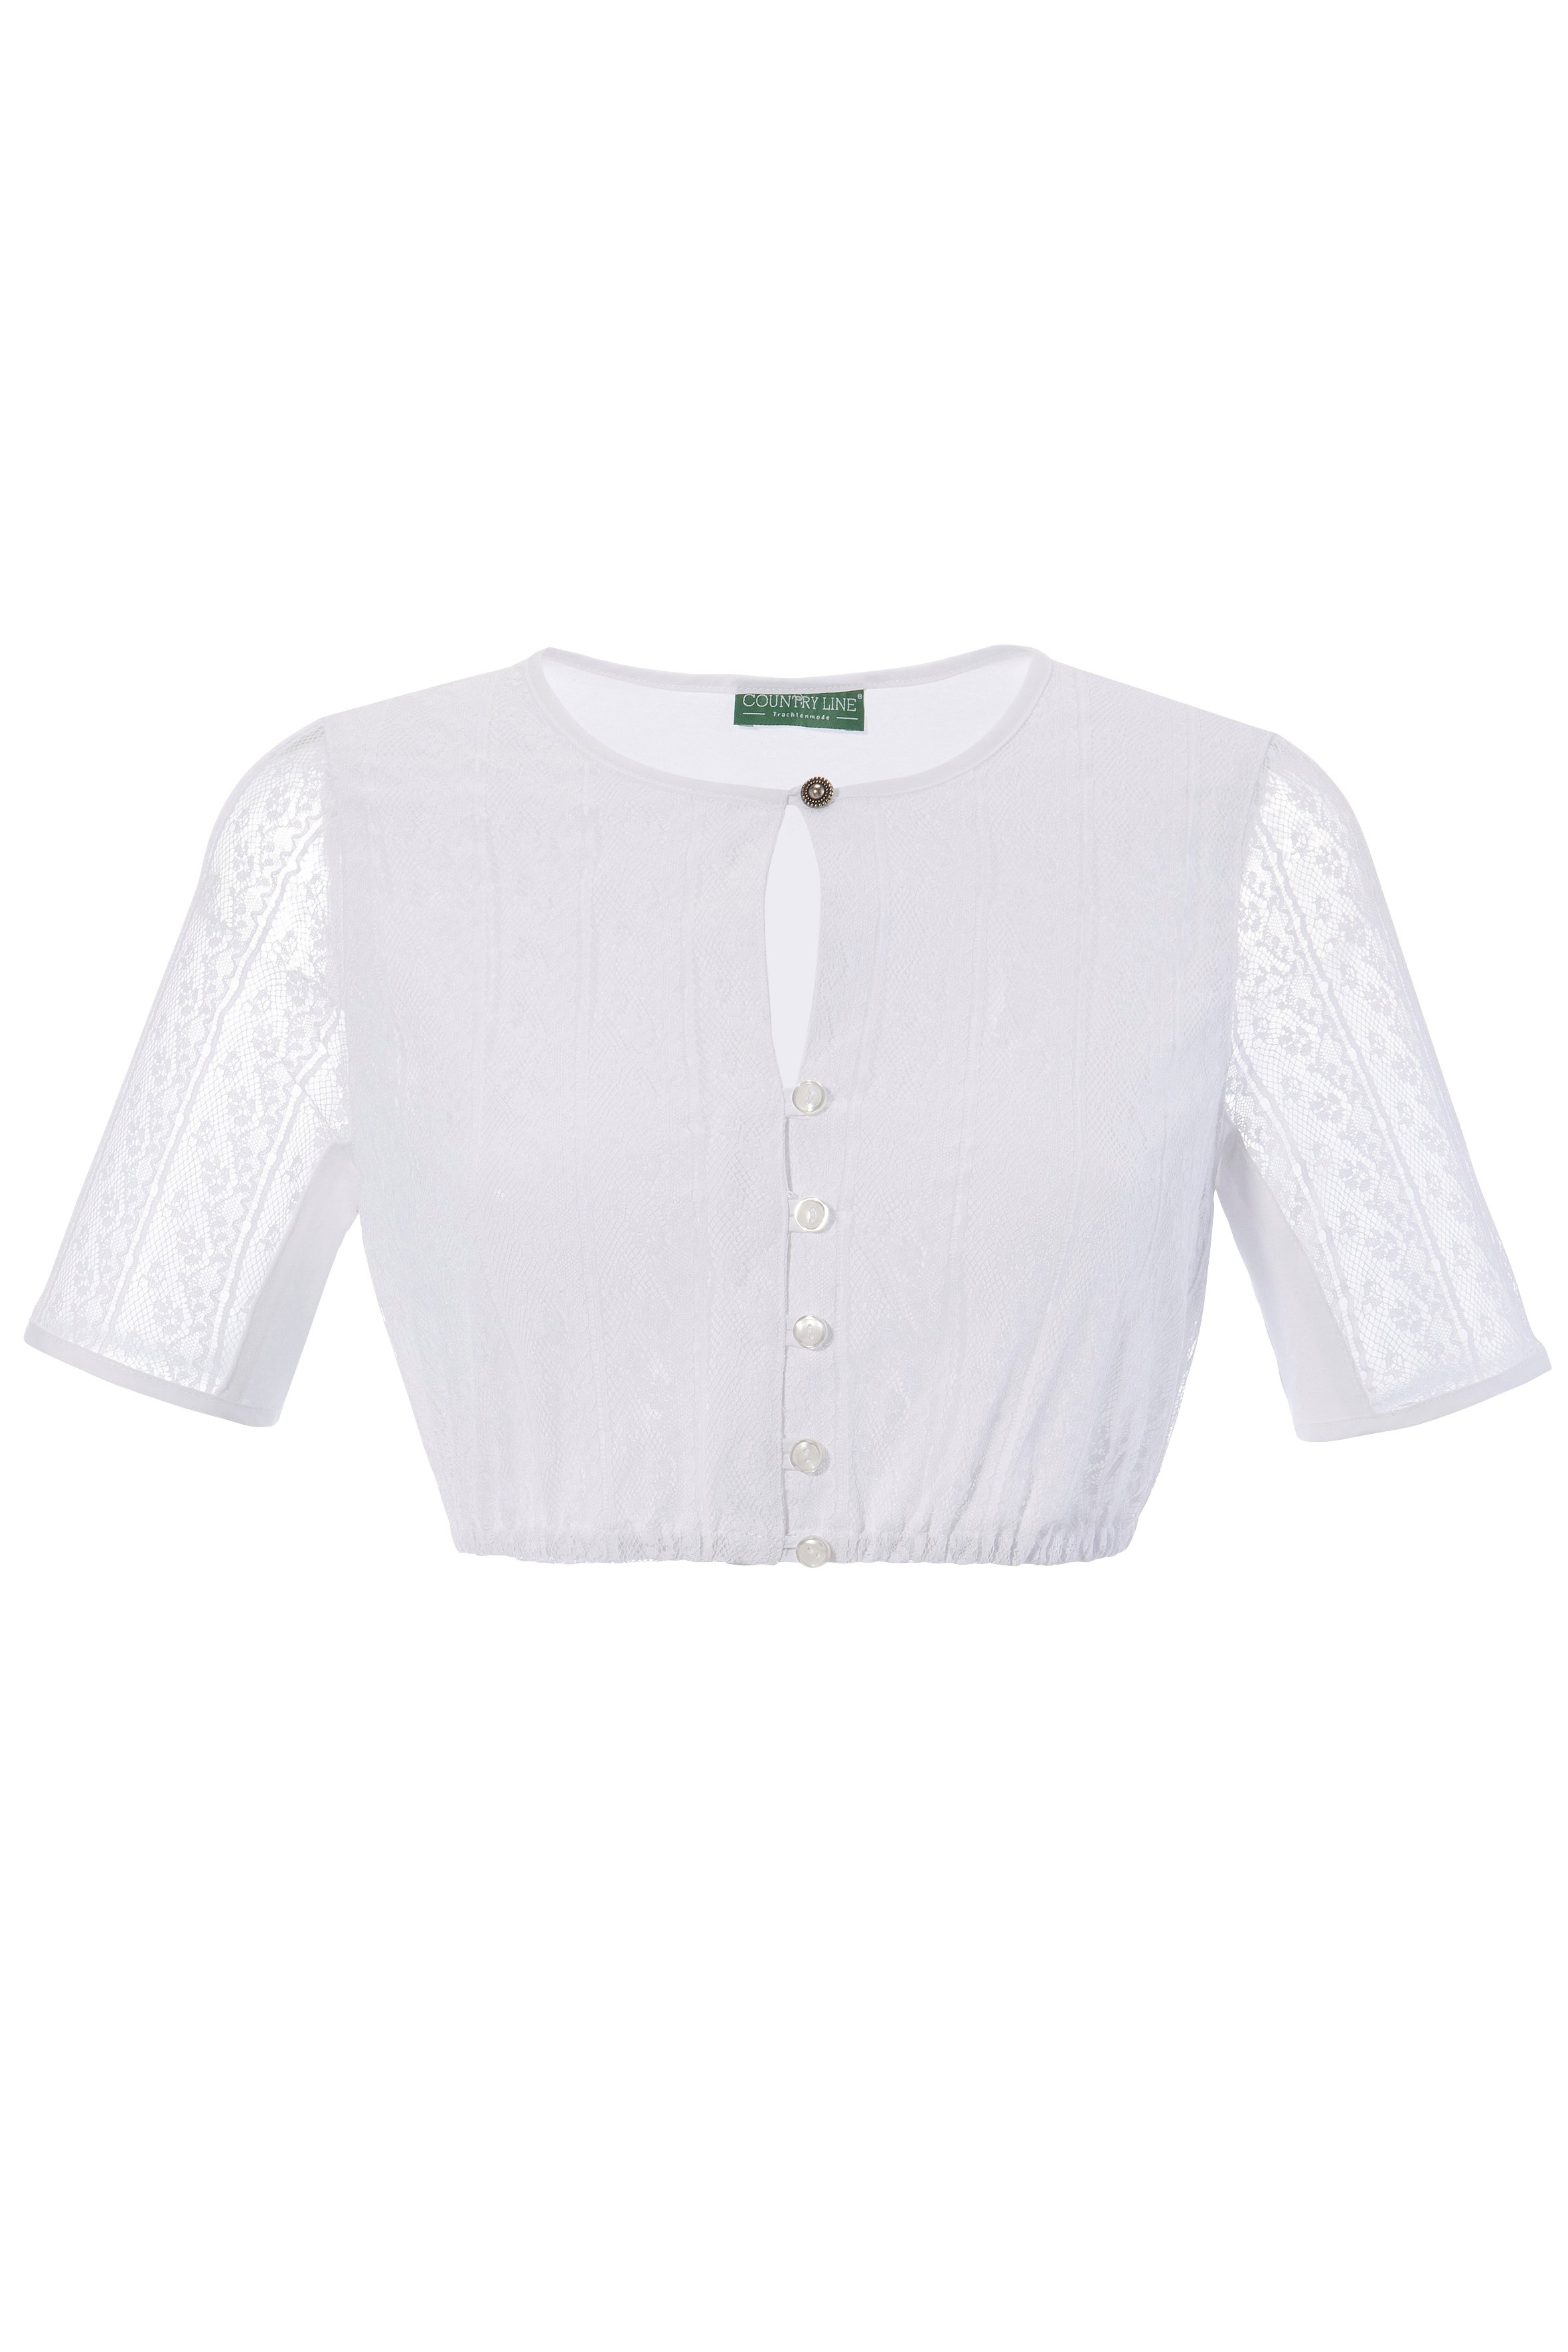 Country Line dirndlblouse Dames van prettig zachte kant met rugpand van elastisch katoen voordelig en veilig online kopen